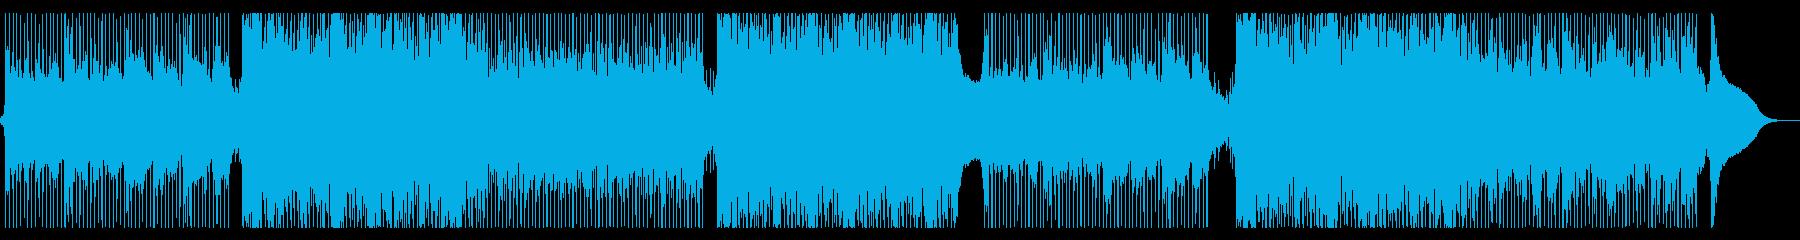 チャントの声がエモいコーポレート系の再生済みの波形